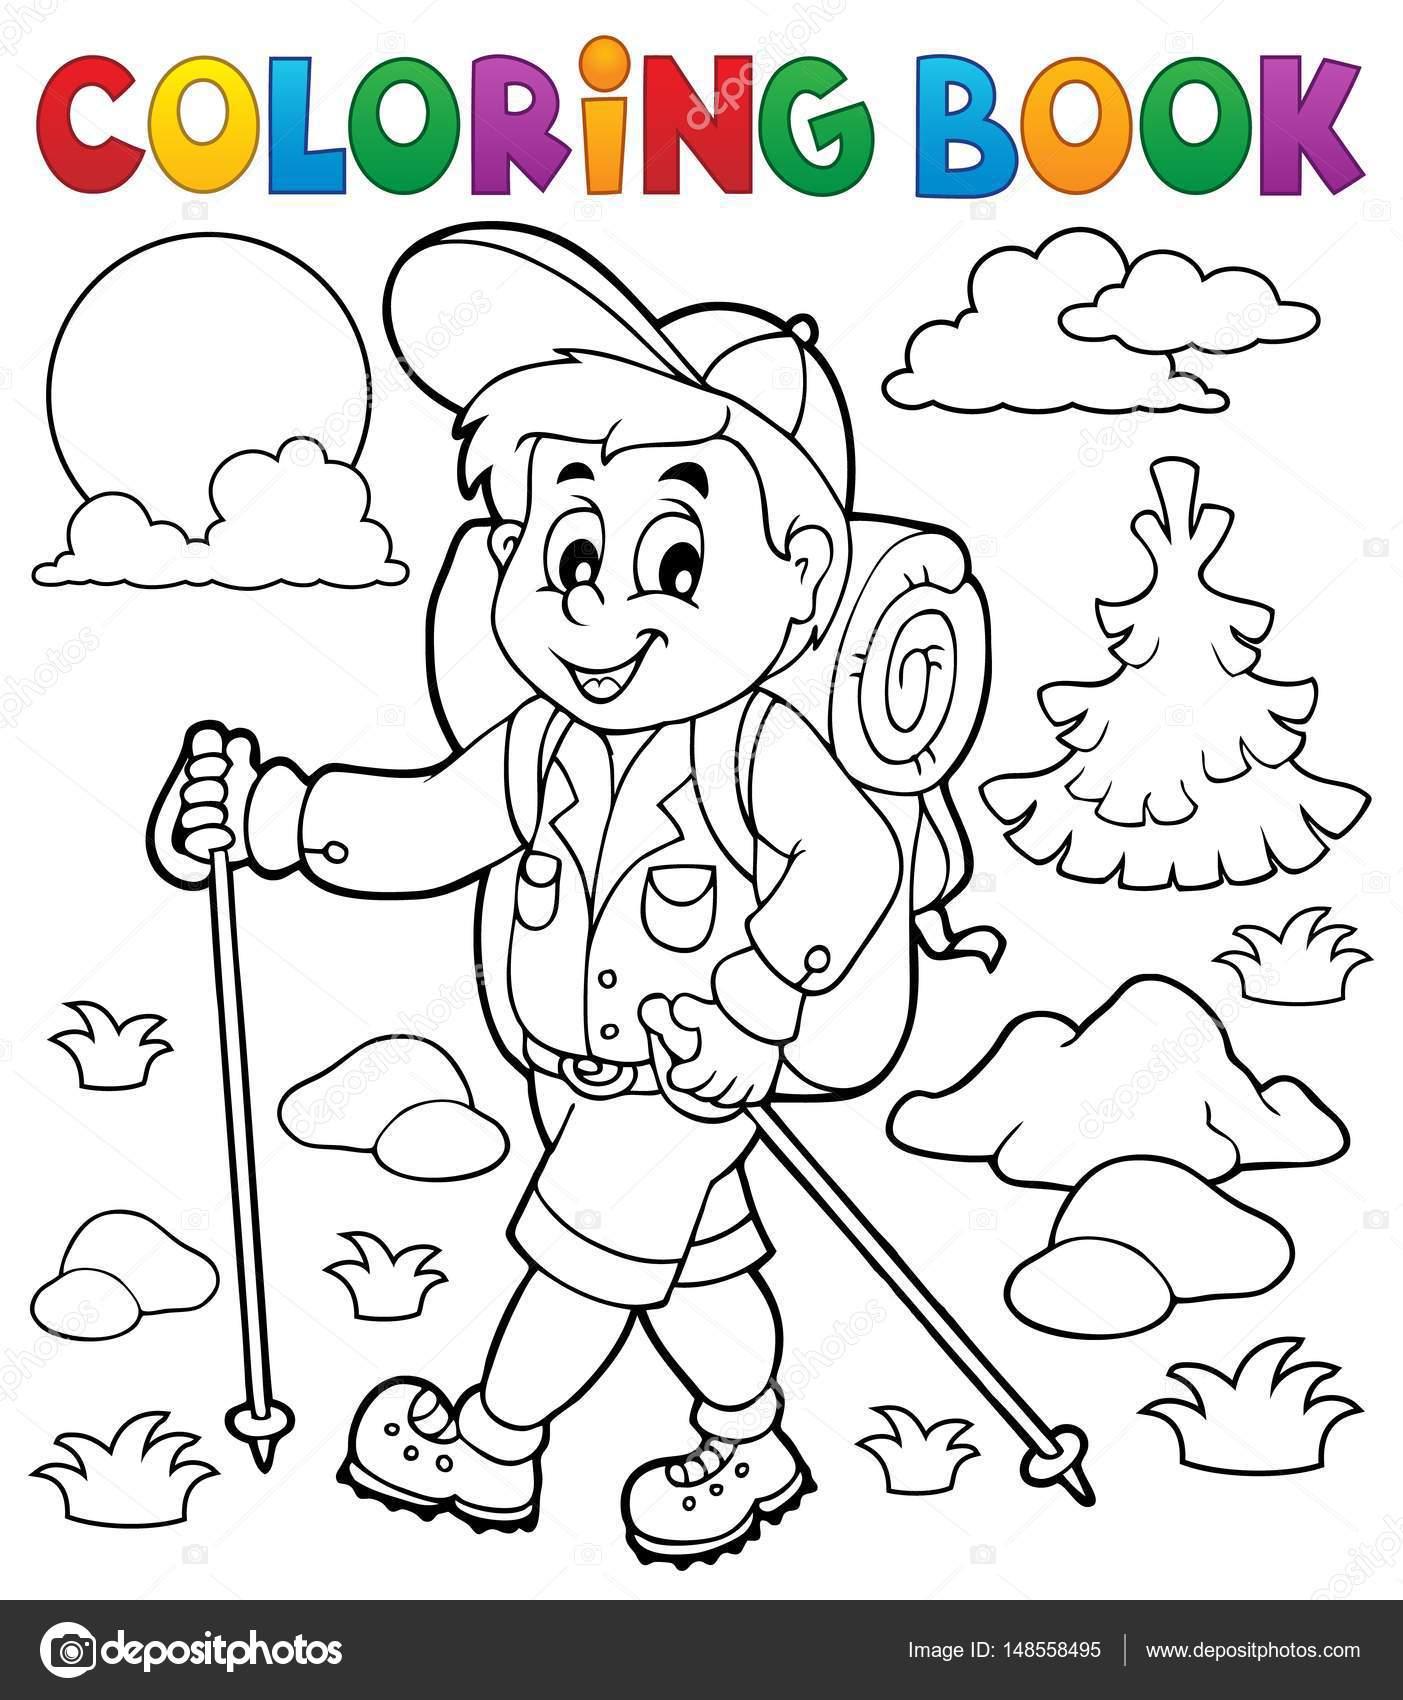 Excursionista de libro para colorear al aire libre — Archivo ...